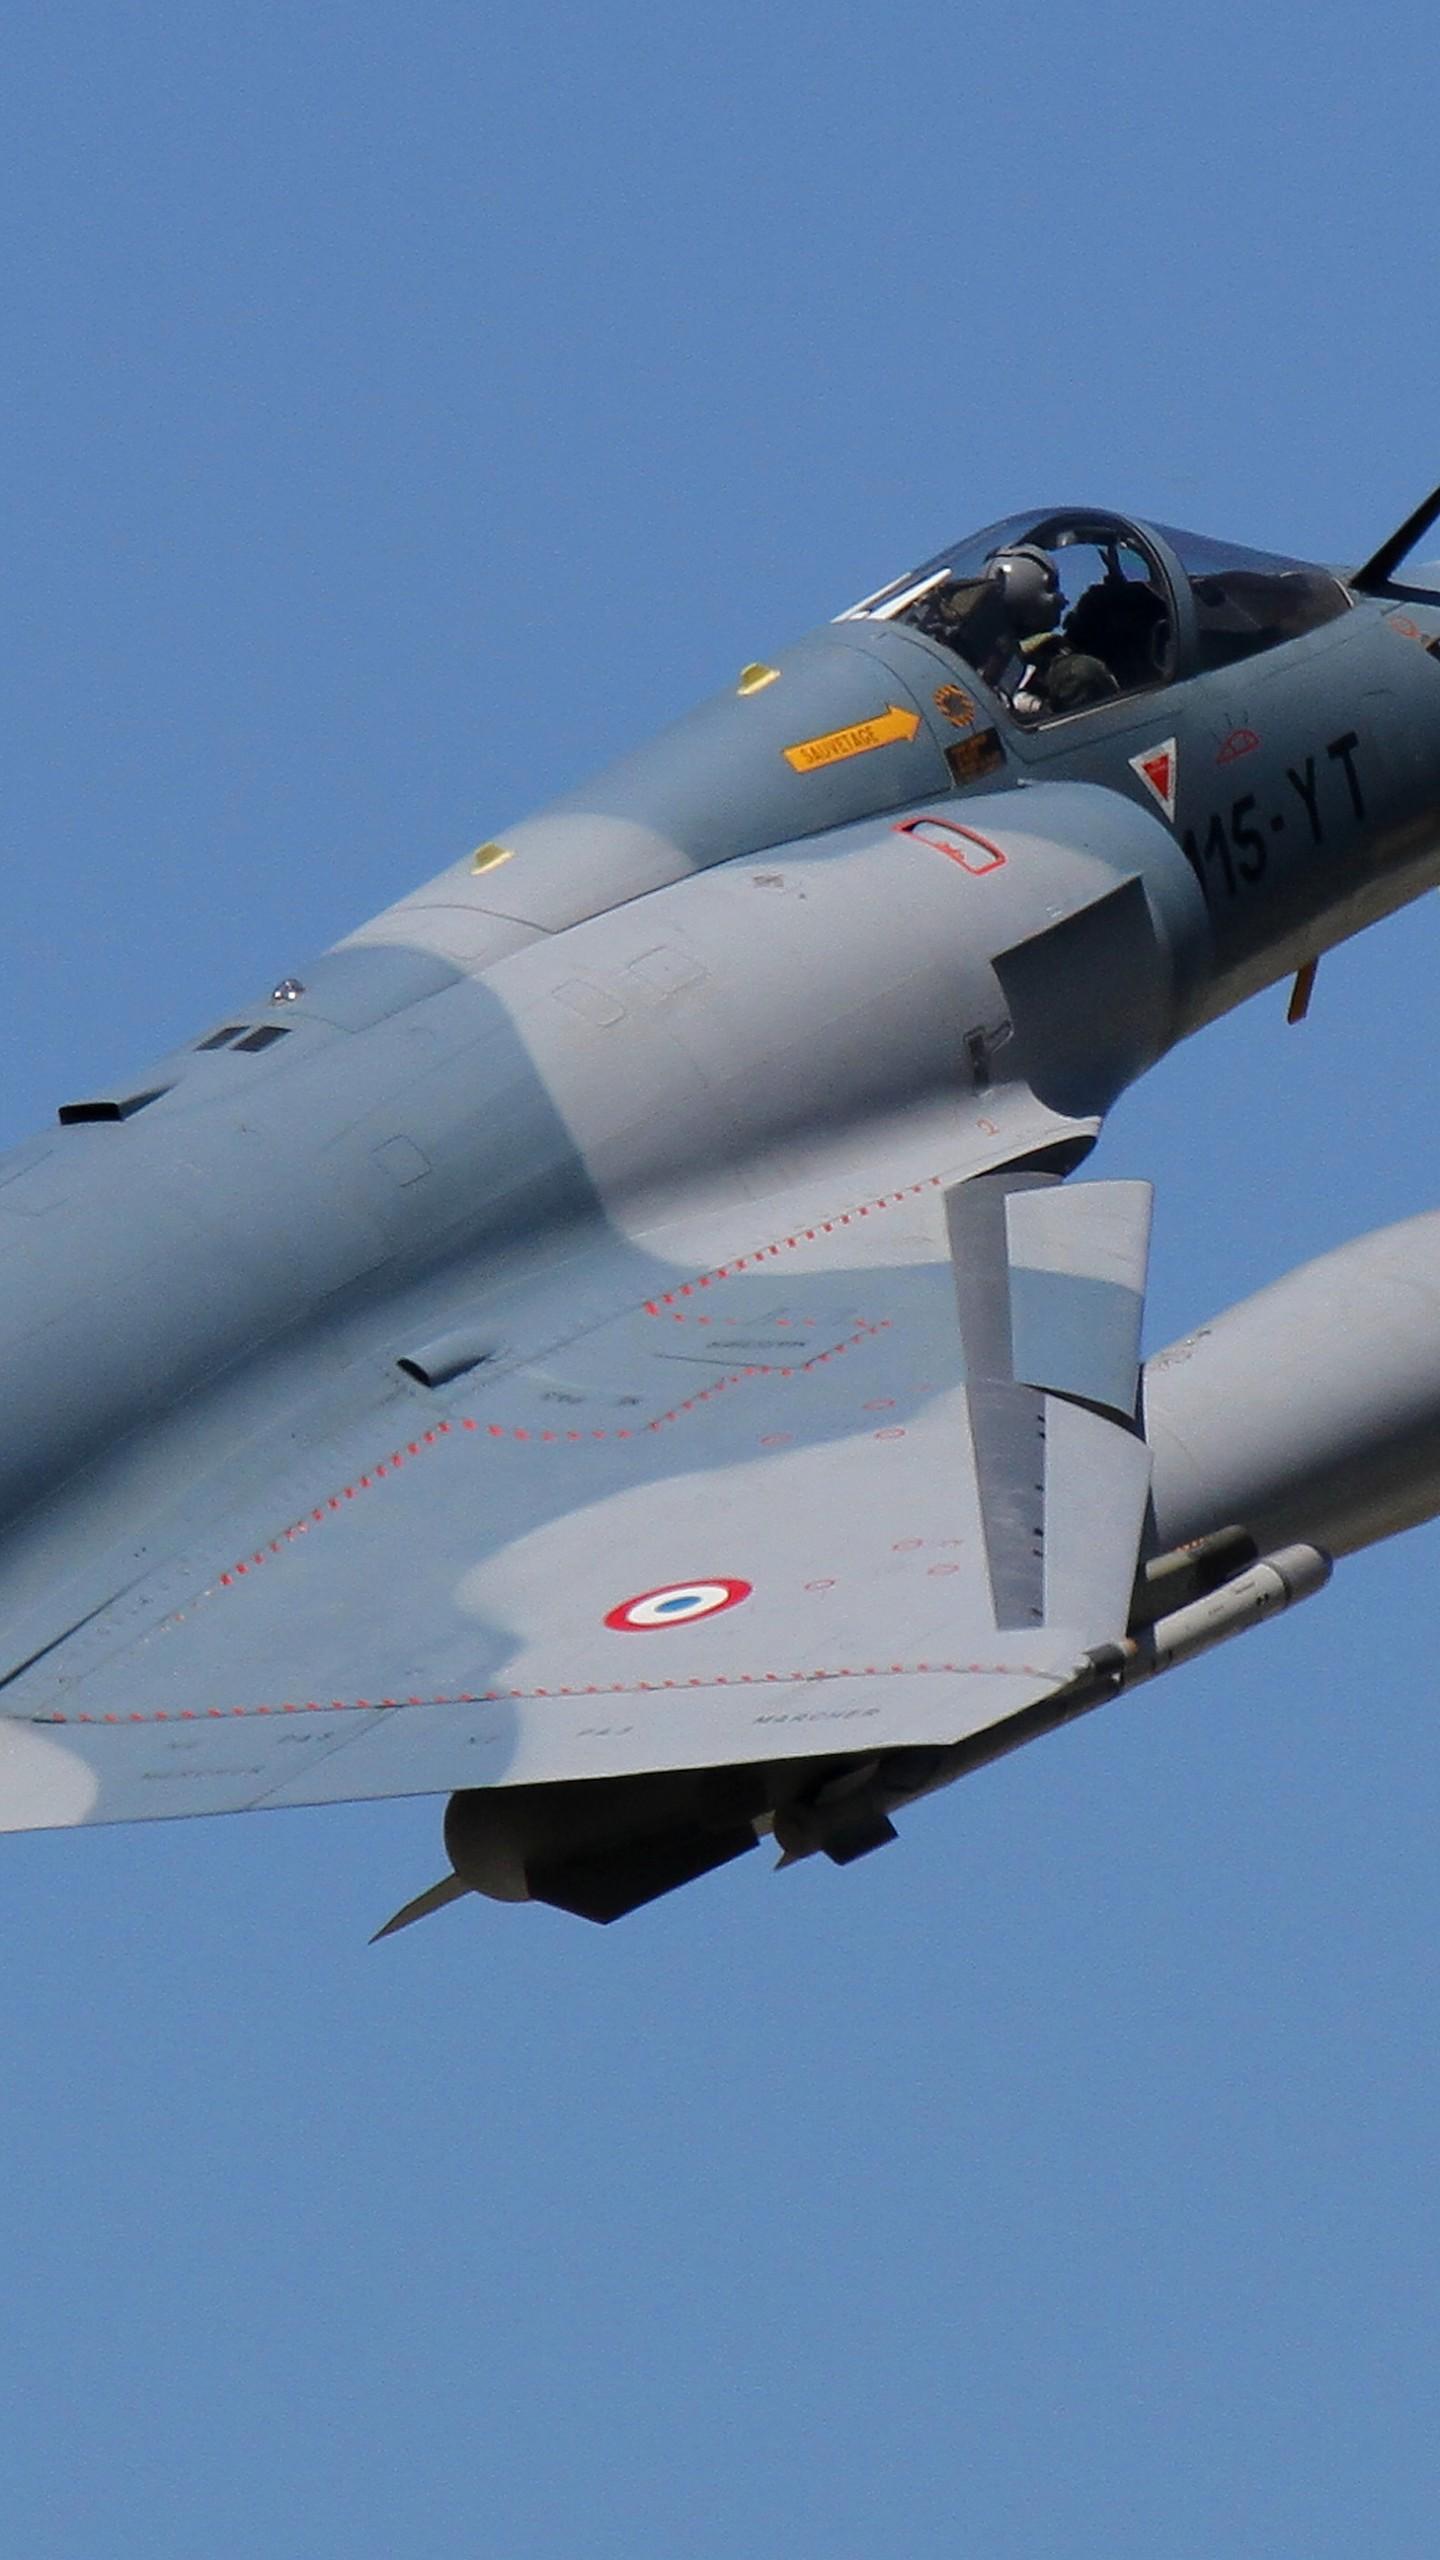 عکس زمینه جنگنده نظامی نیروی هوایی فرانسه پس زمینه